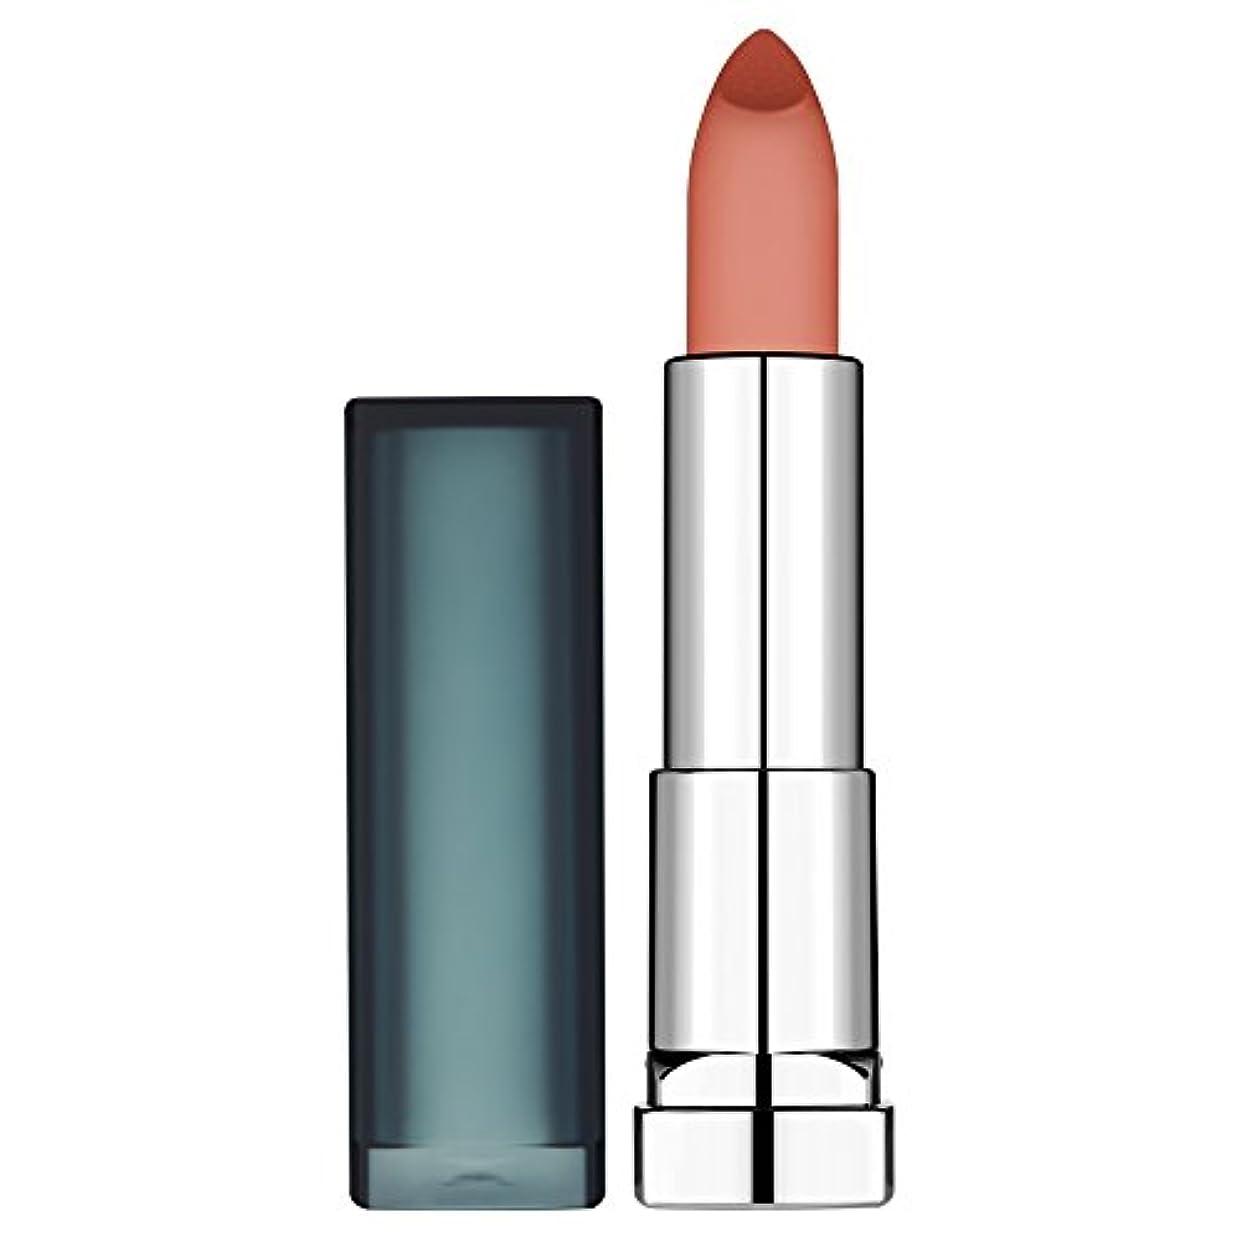 グローブコミュニティ曖昧なL'Oreal Lippenstift Color Sensational Creamy Mattes